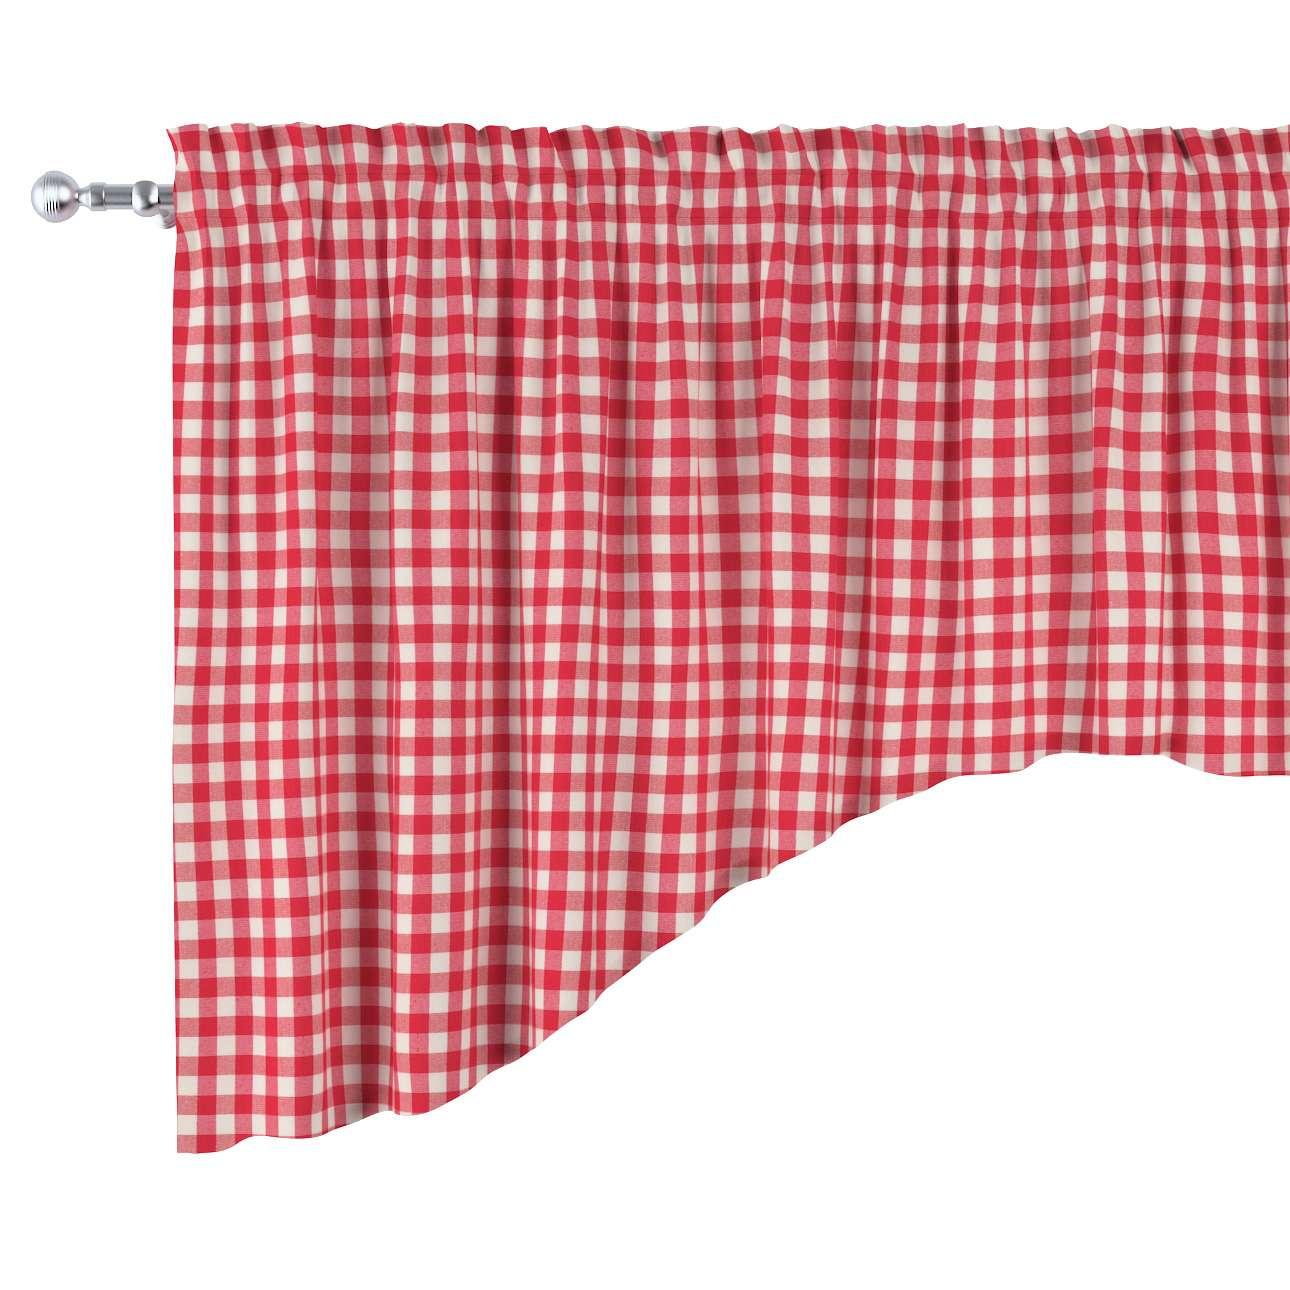 Lambrekin łuk w kolekcji Quadro, tkanina: 136-16